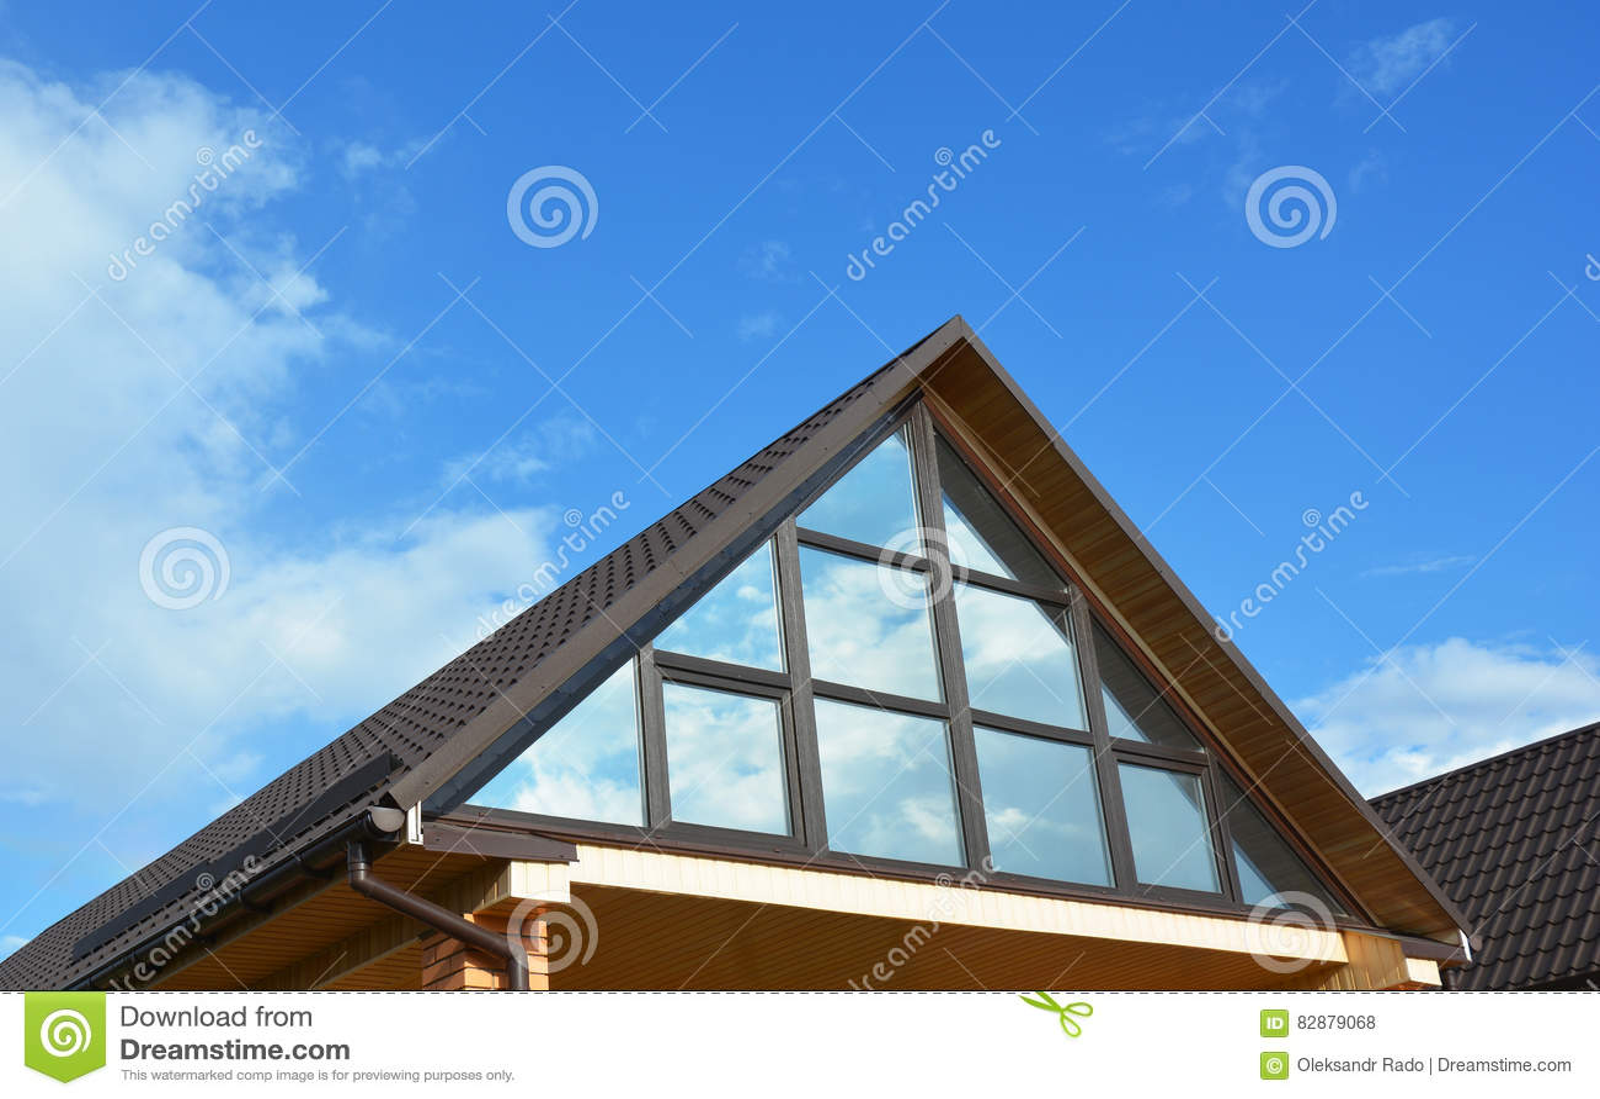 Terraza Conservadora Del ático De La Casa Del Edificio En El